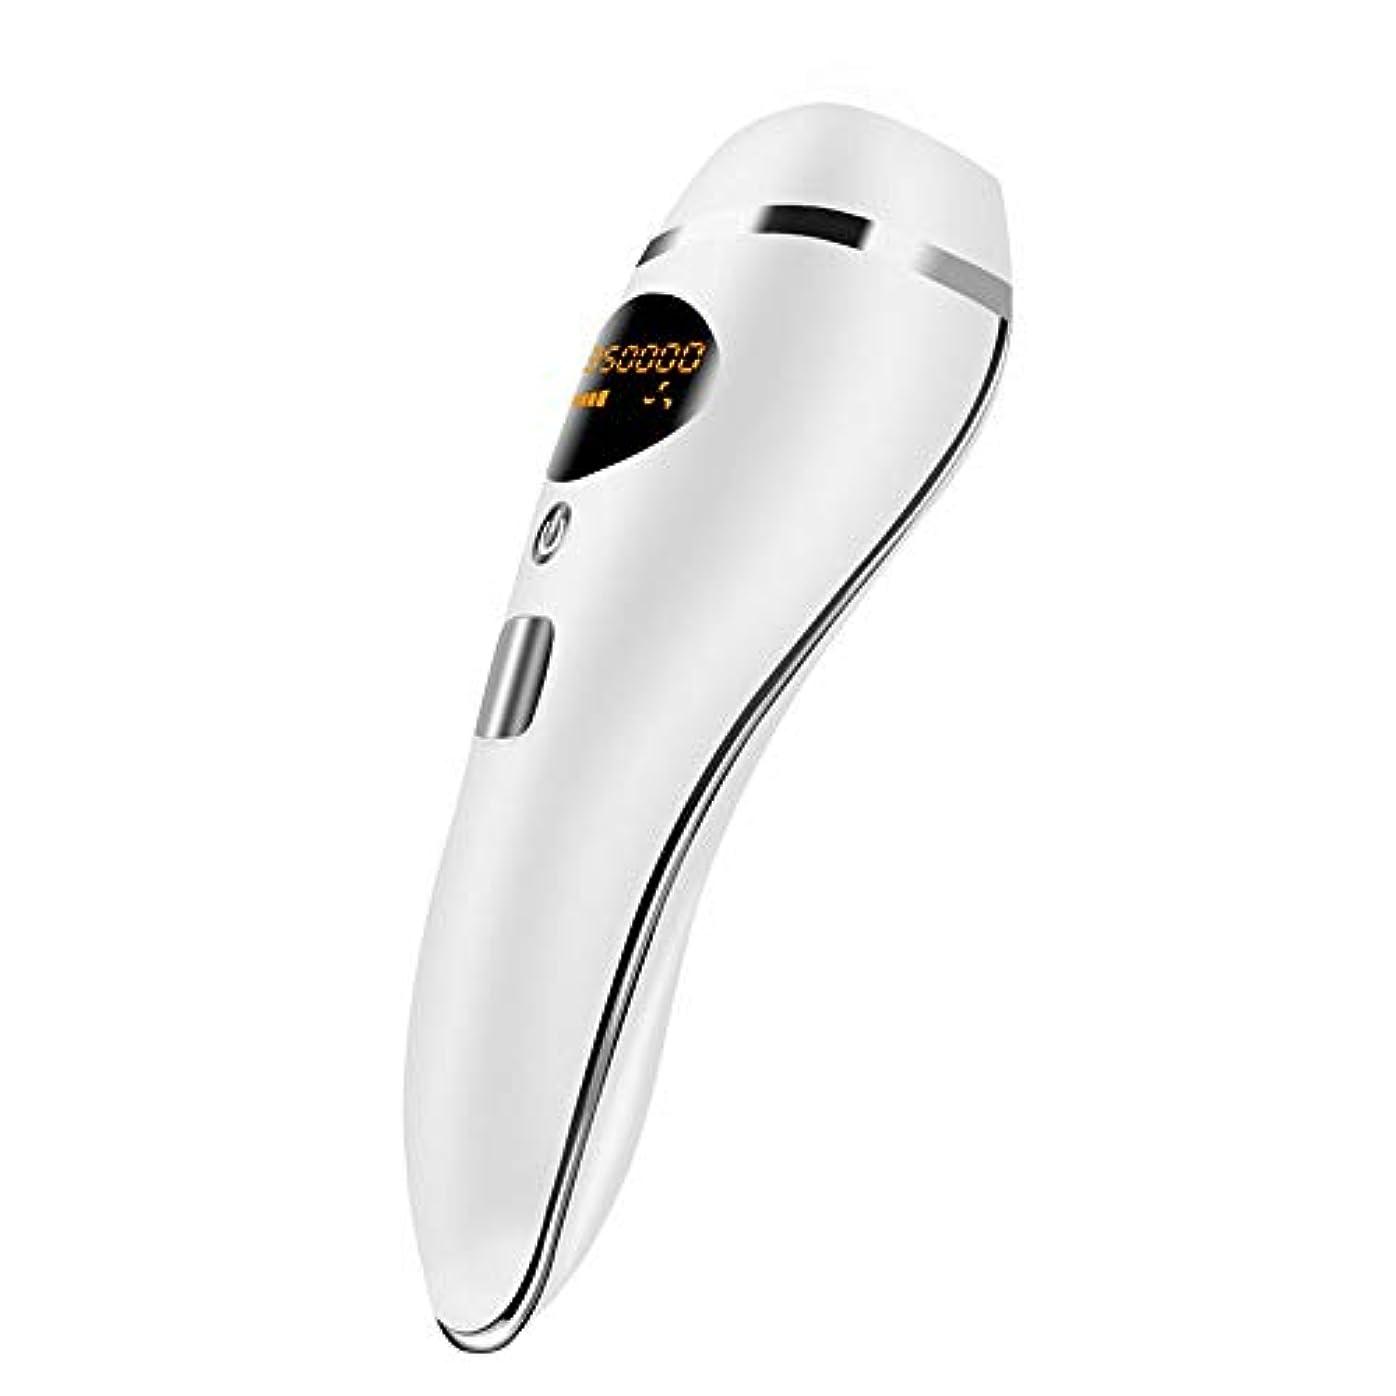 直径からに変化するインポート自動全身無痛脱毛剤、ホワイト、ポータブルパーマネントヘアリムーバー、デュアルモード、5速調整、サイズ20.5x7cm 安全性